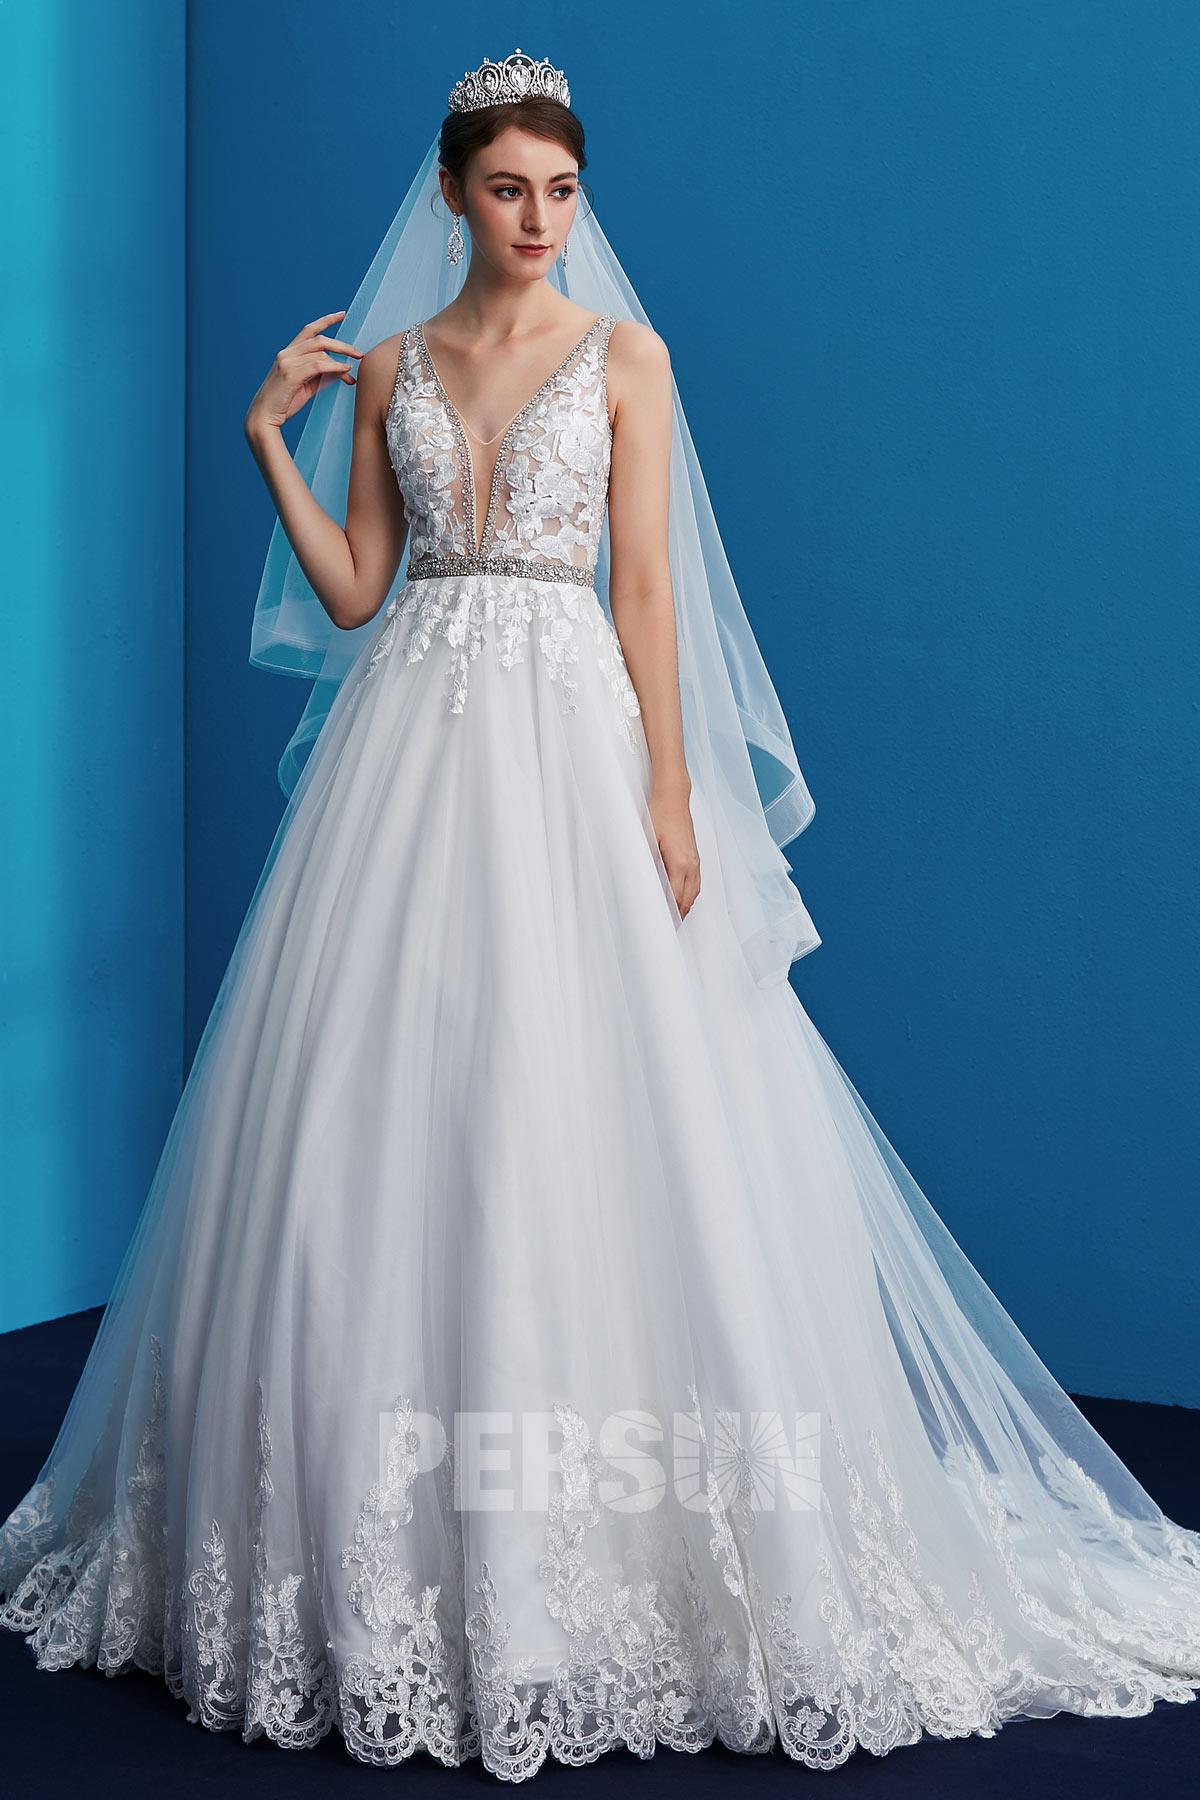 robe mariée appliquée de dentelle guipure décolleté en V plongeant